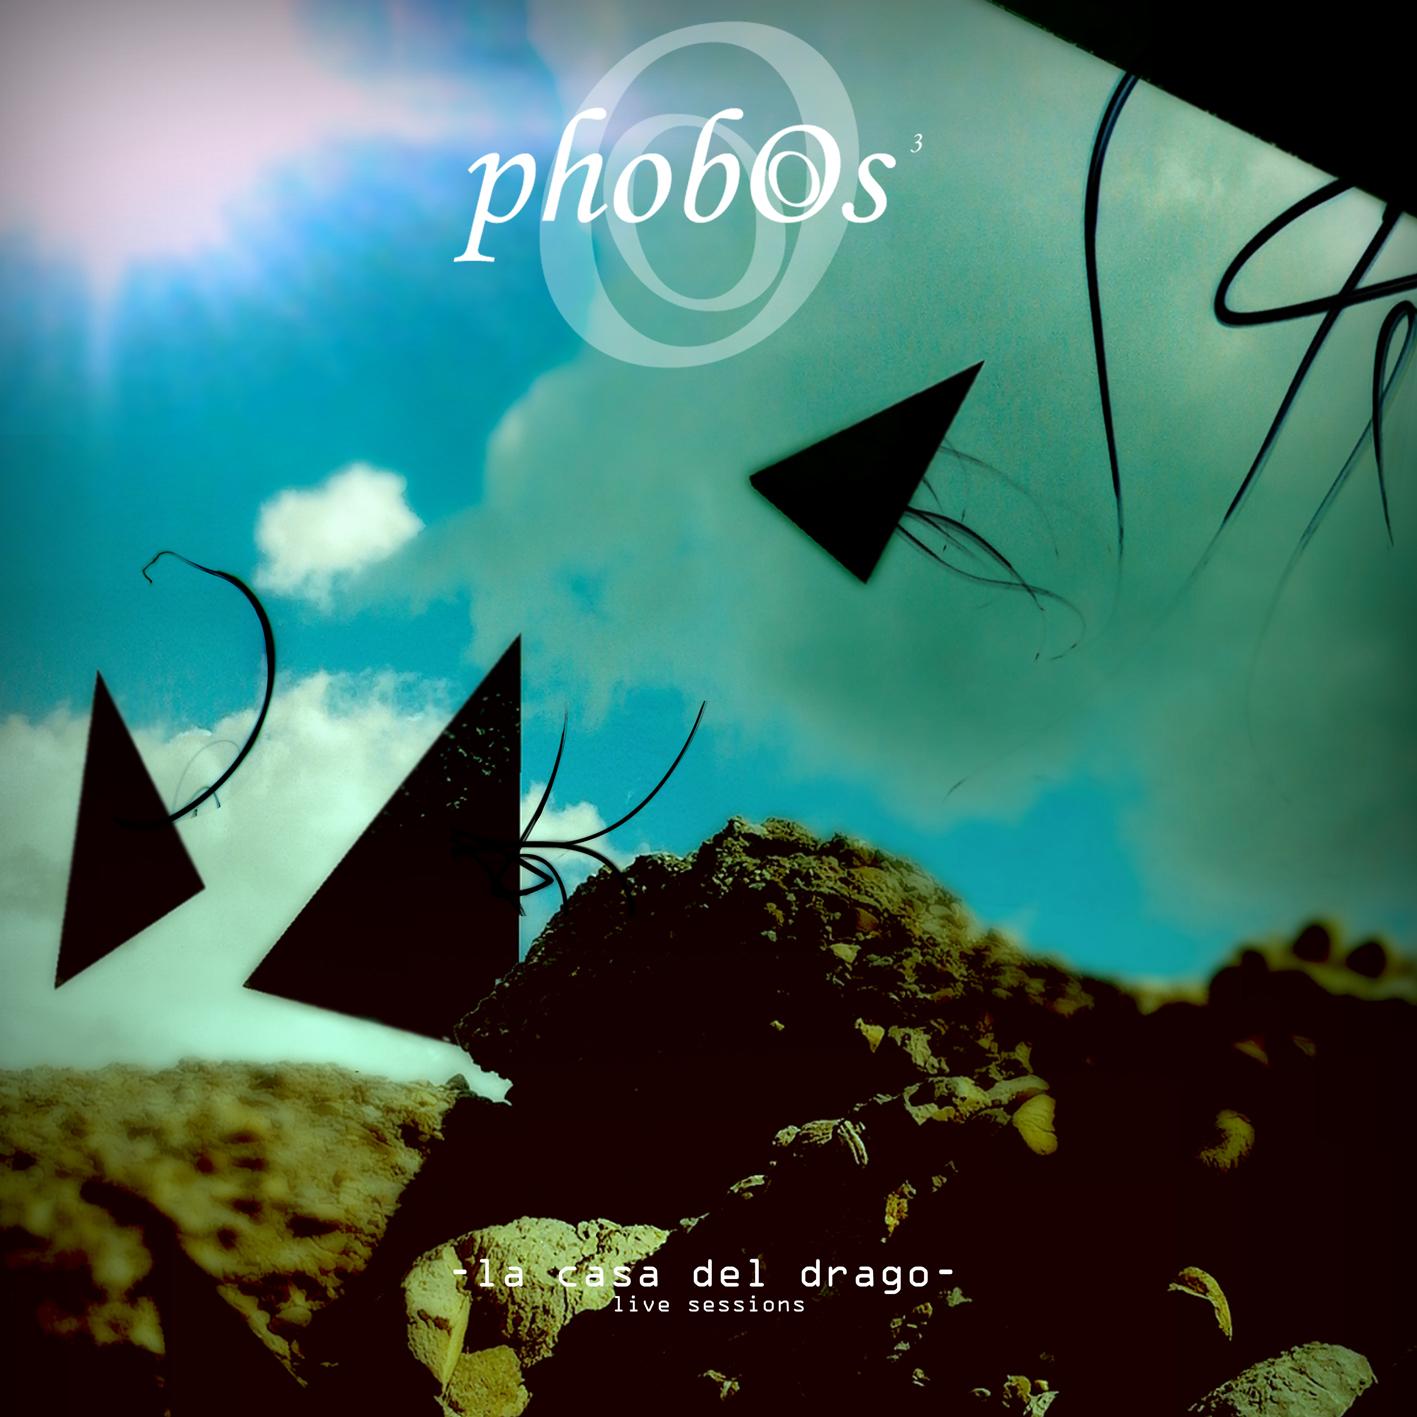 IYE15 – Phobos - La Casa del Drago 3